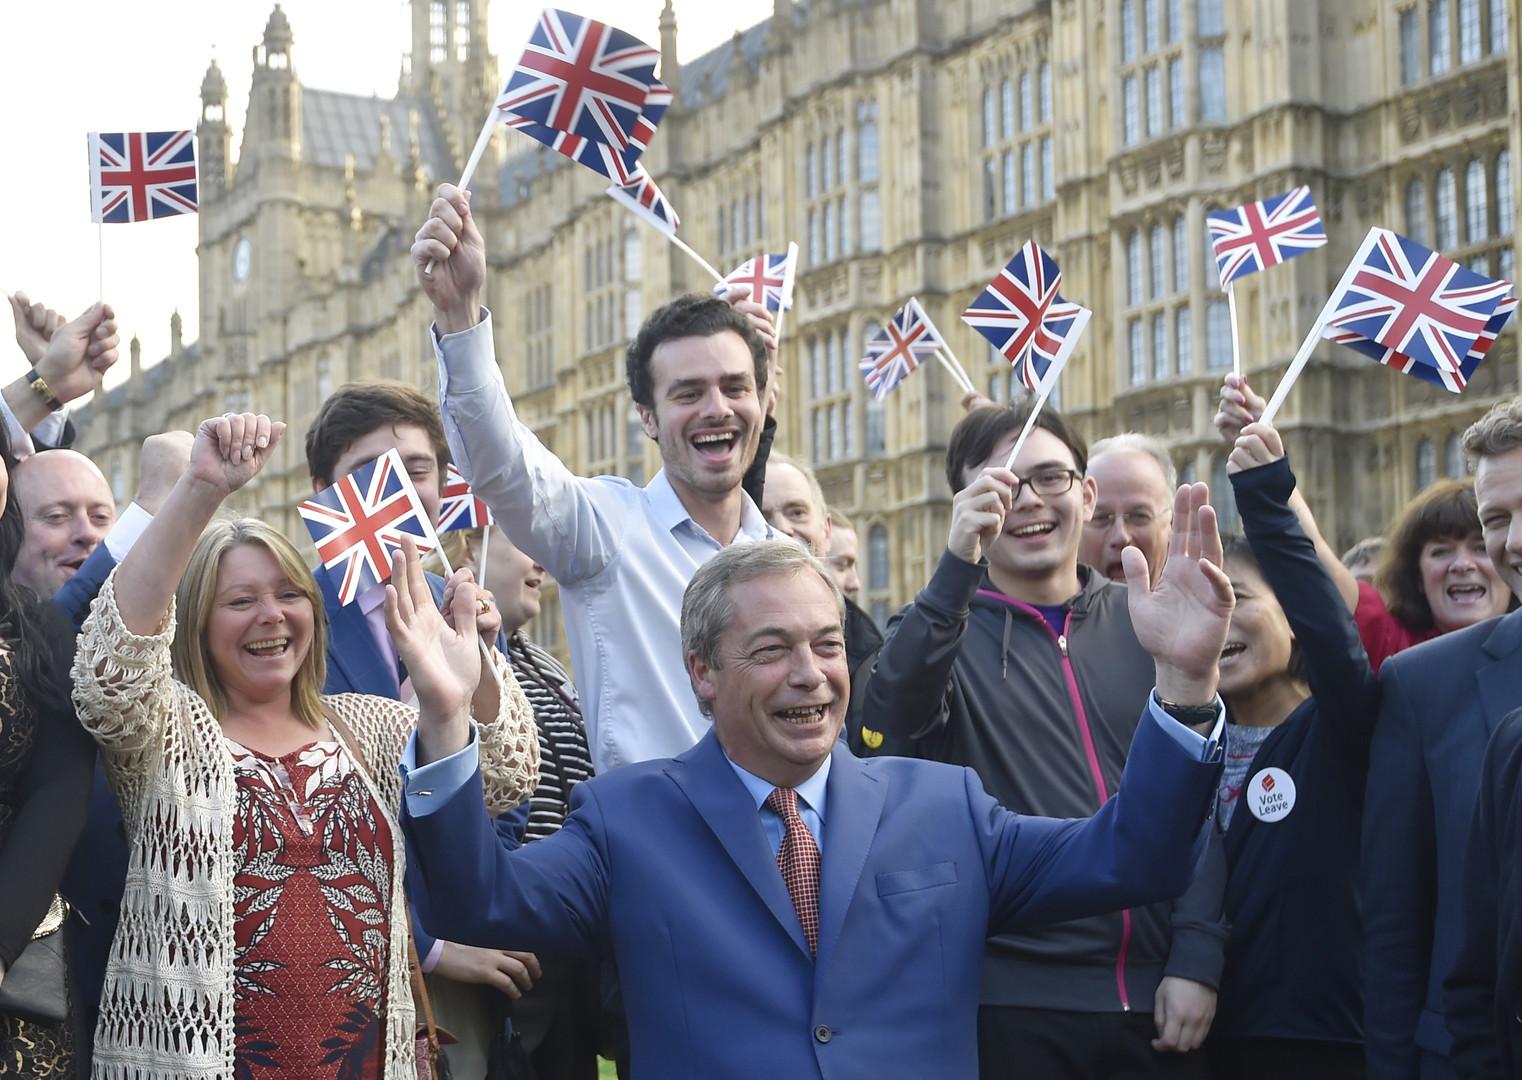 Die Briten verlassen die EU: 52% stimmen für den Brexit - Premier Cameron kündigt Rücktritt an